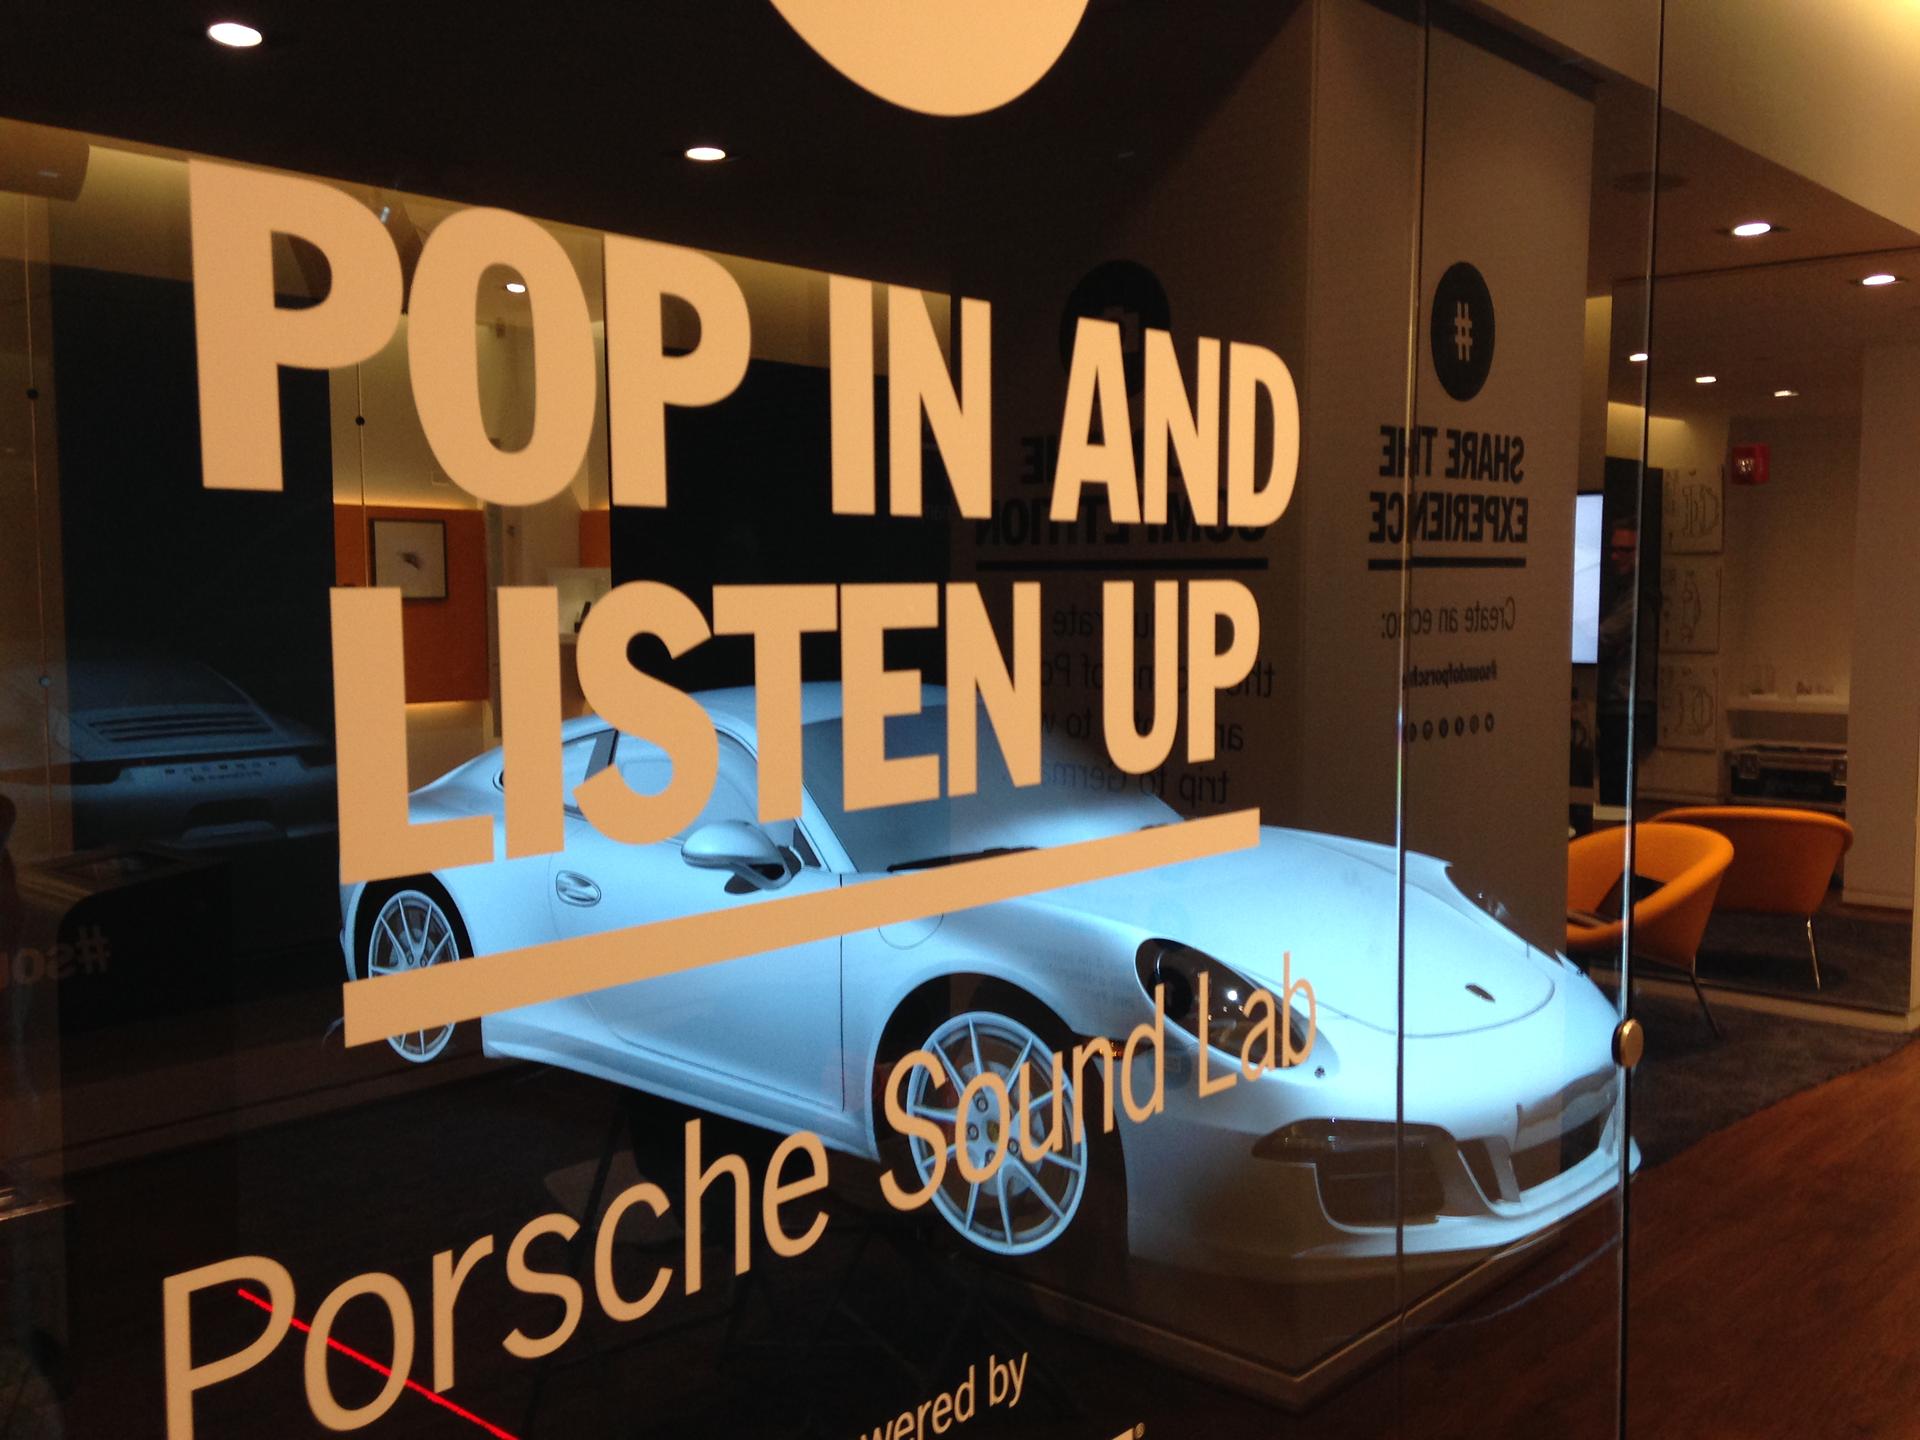 Porsche/ sound identity / amp sound branding / audio branding